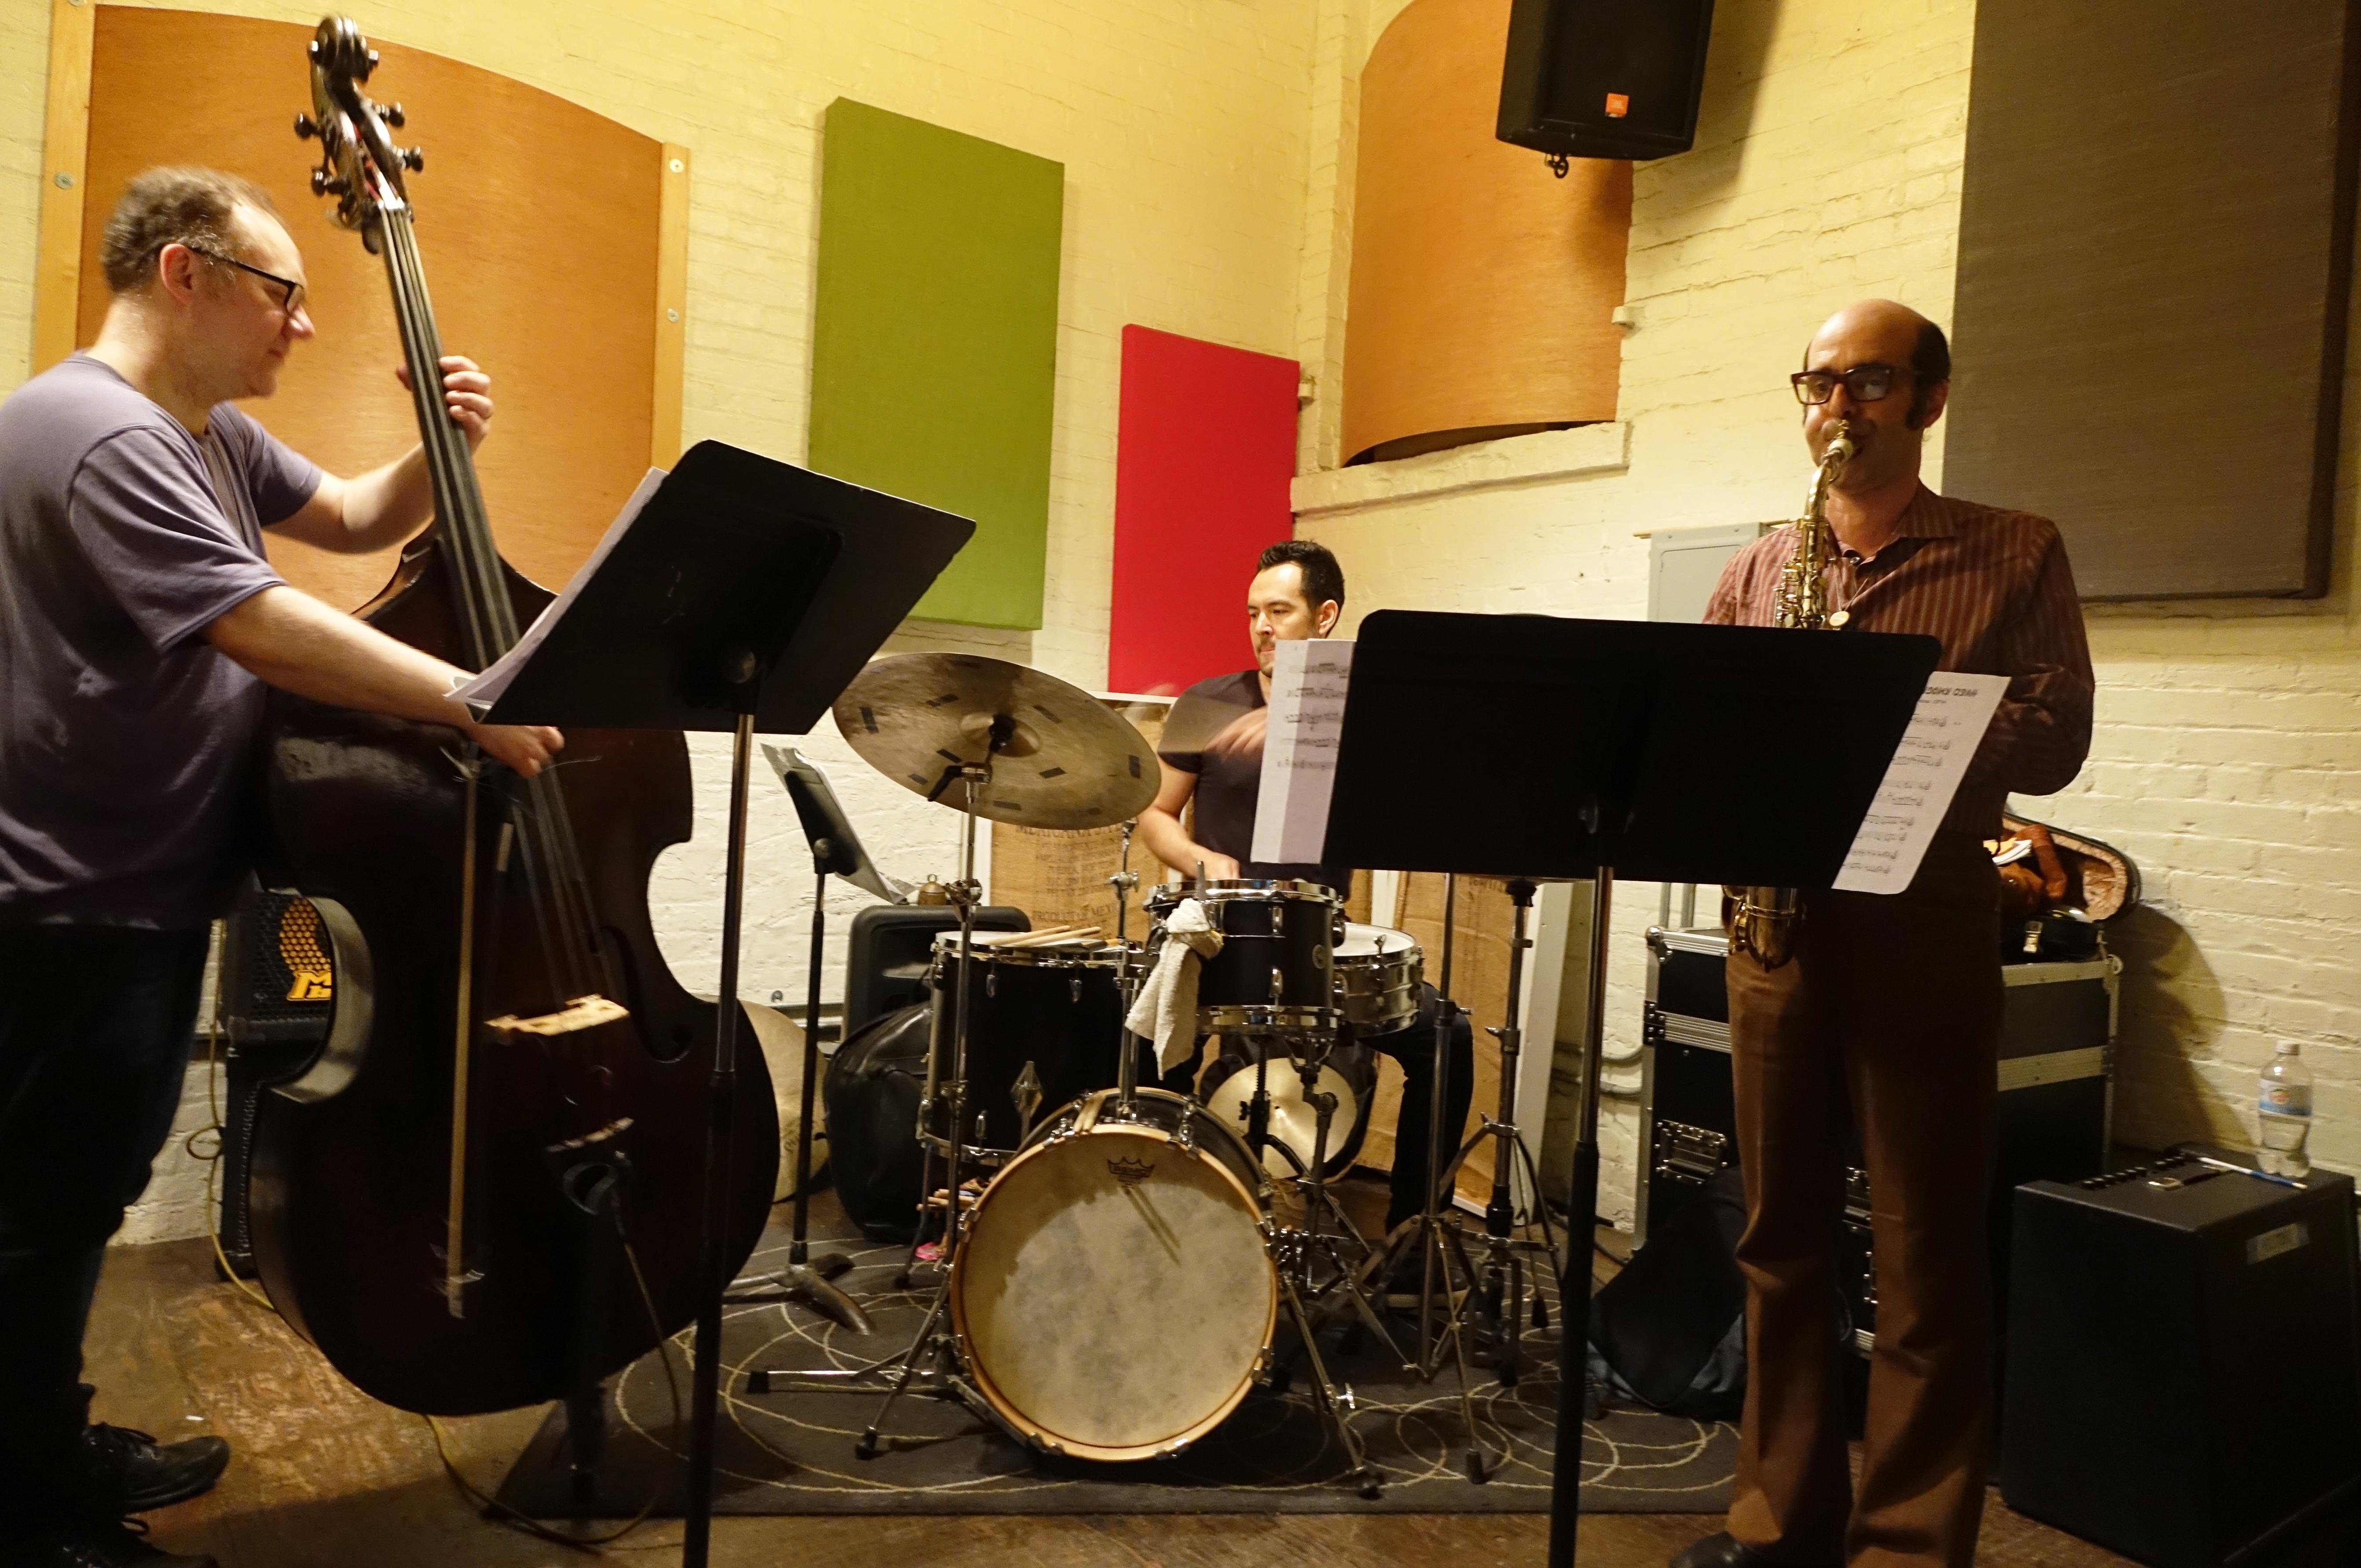 Sean Conly, Tomas Fujiwara and Michael Attias at Ibeam, Brooklyn in May 2018